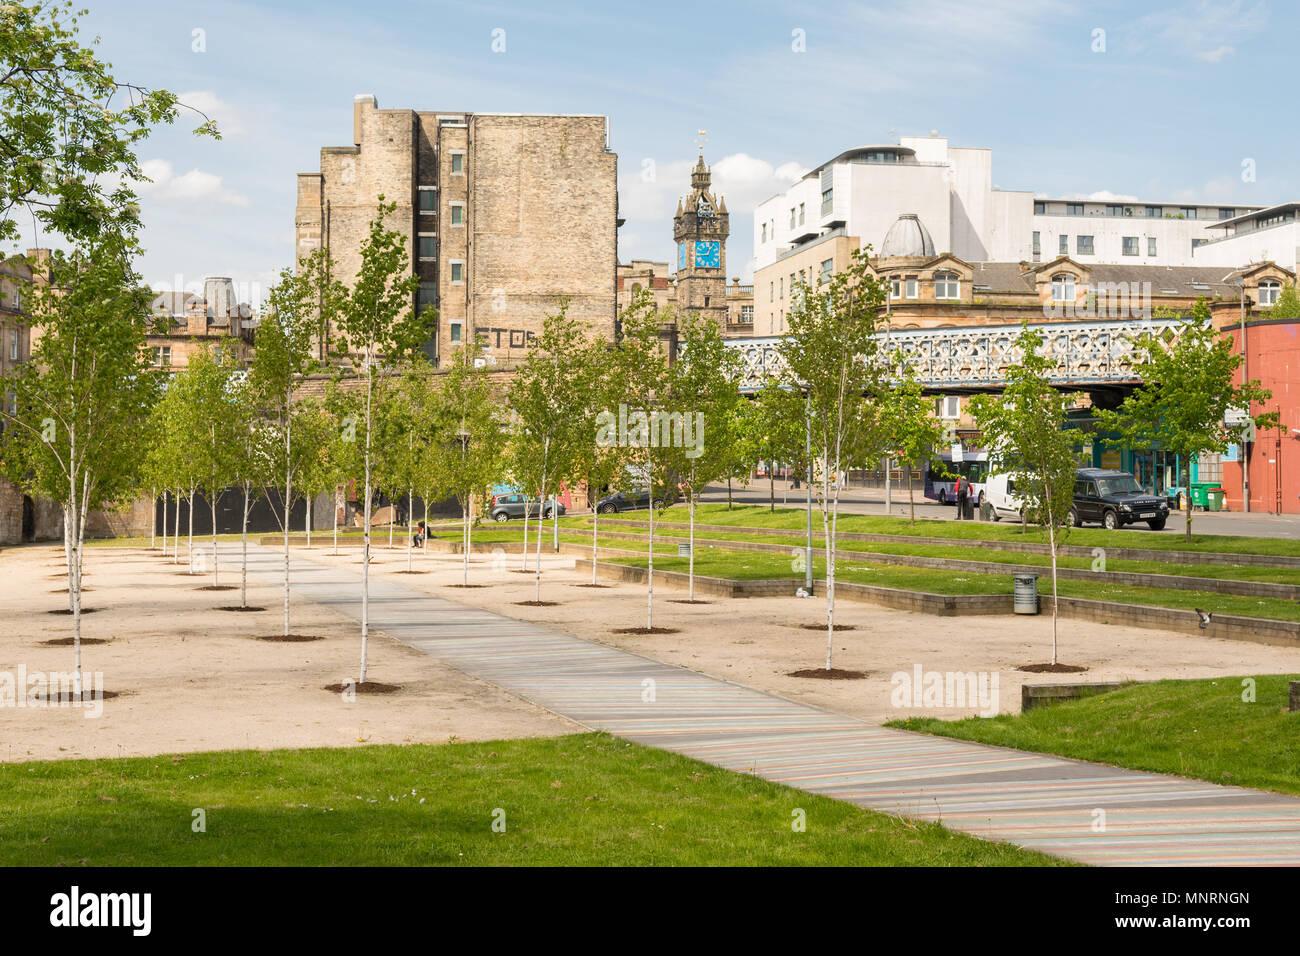 Barrowland Park, temporanea parco con percorso album, Glasgow, Scotland, Regno Unito Foto Stock